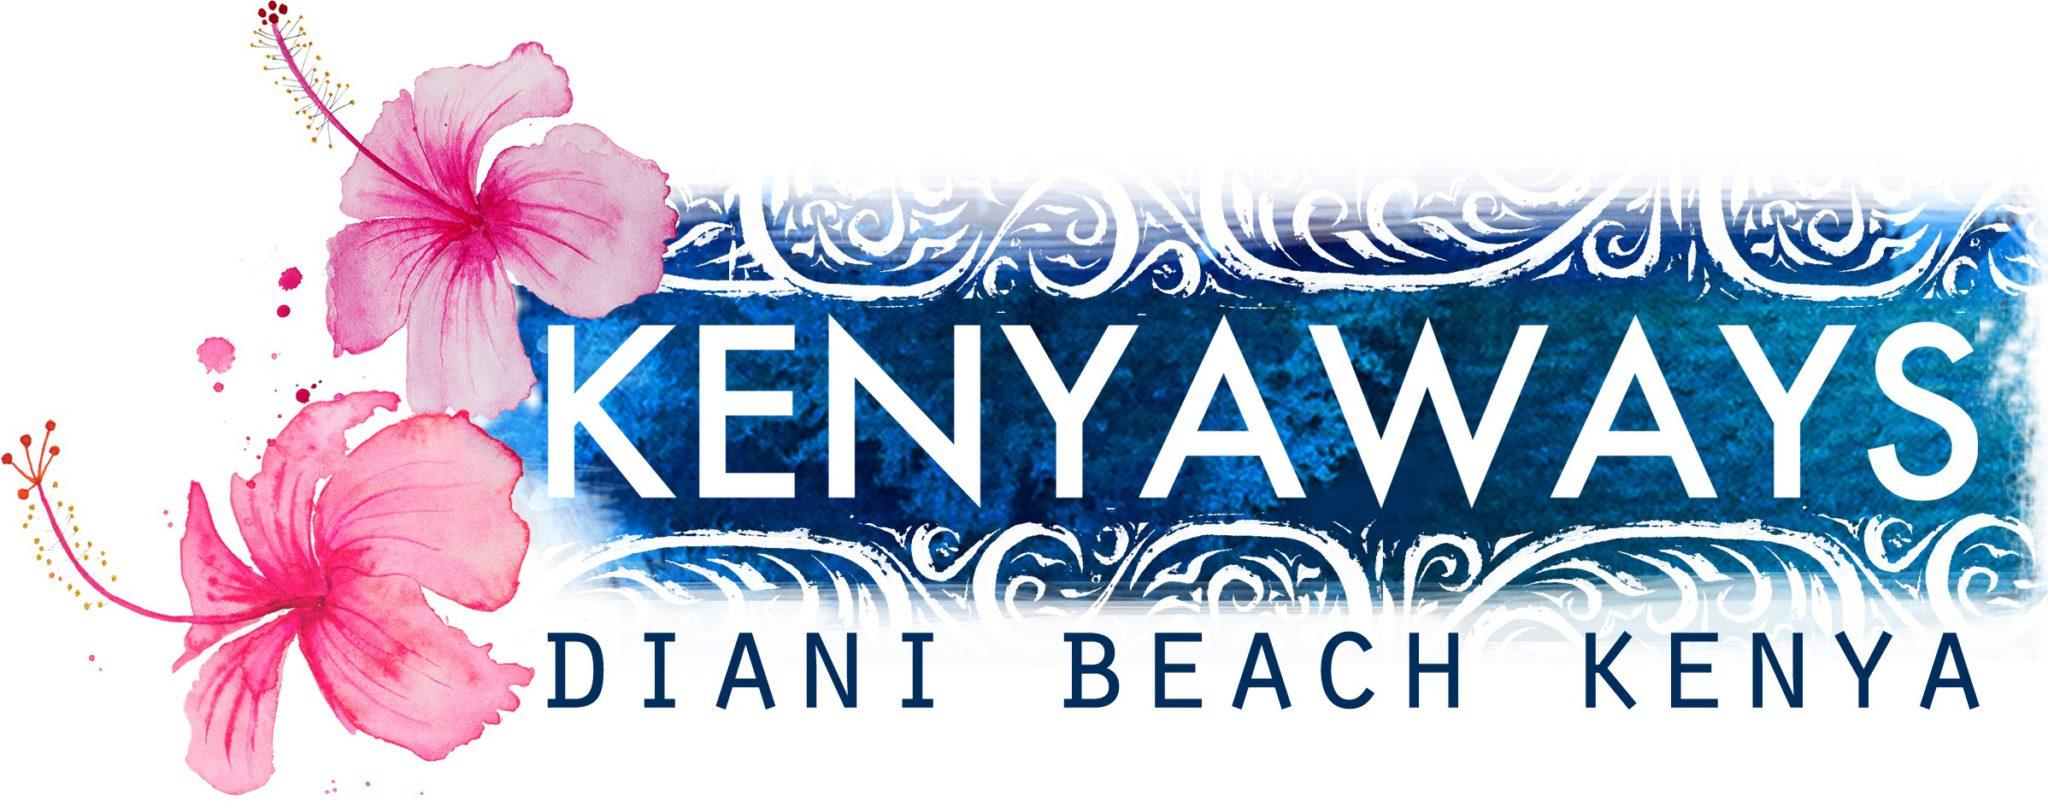 Kenyaways